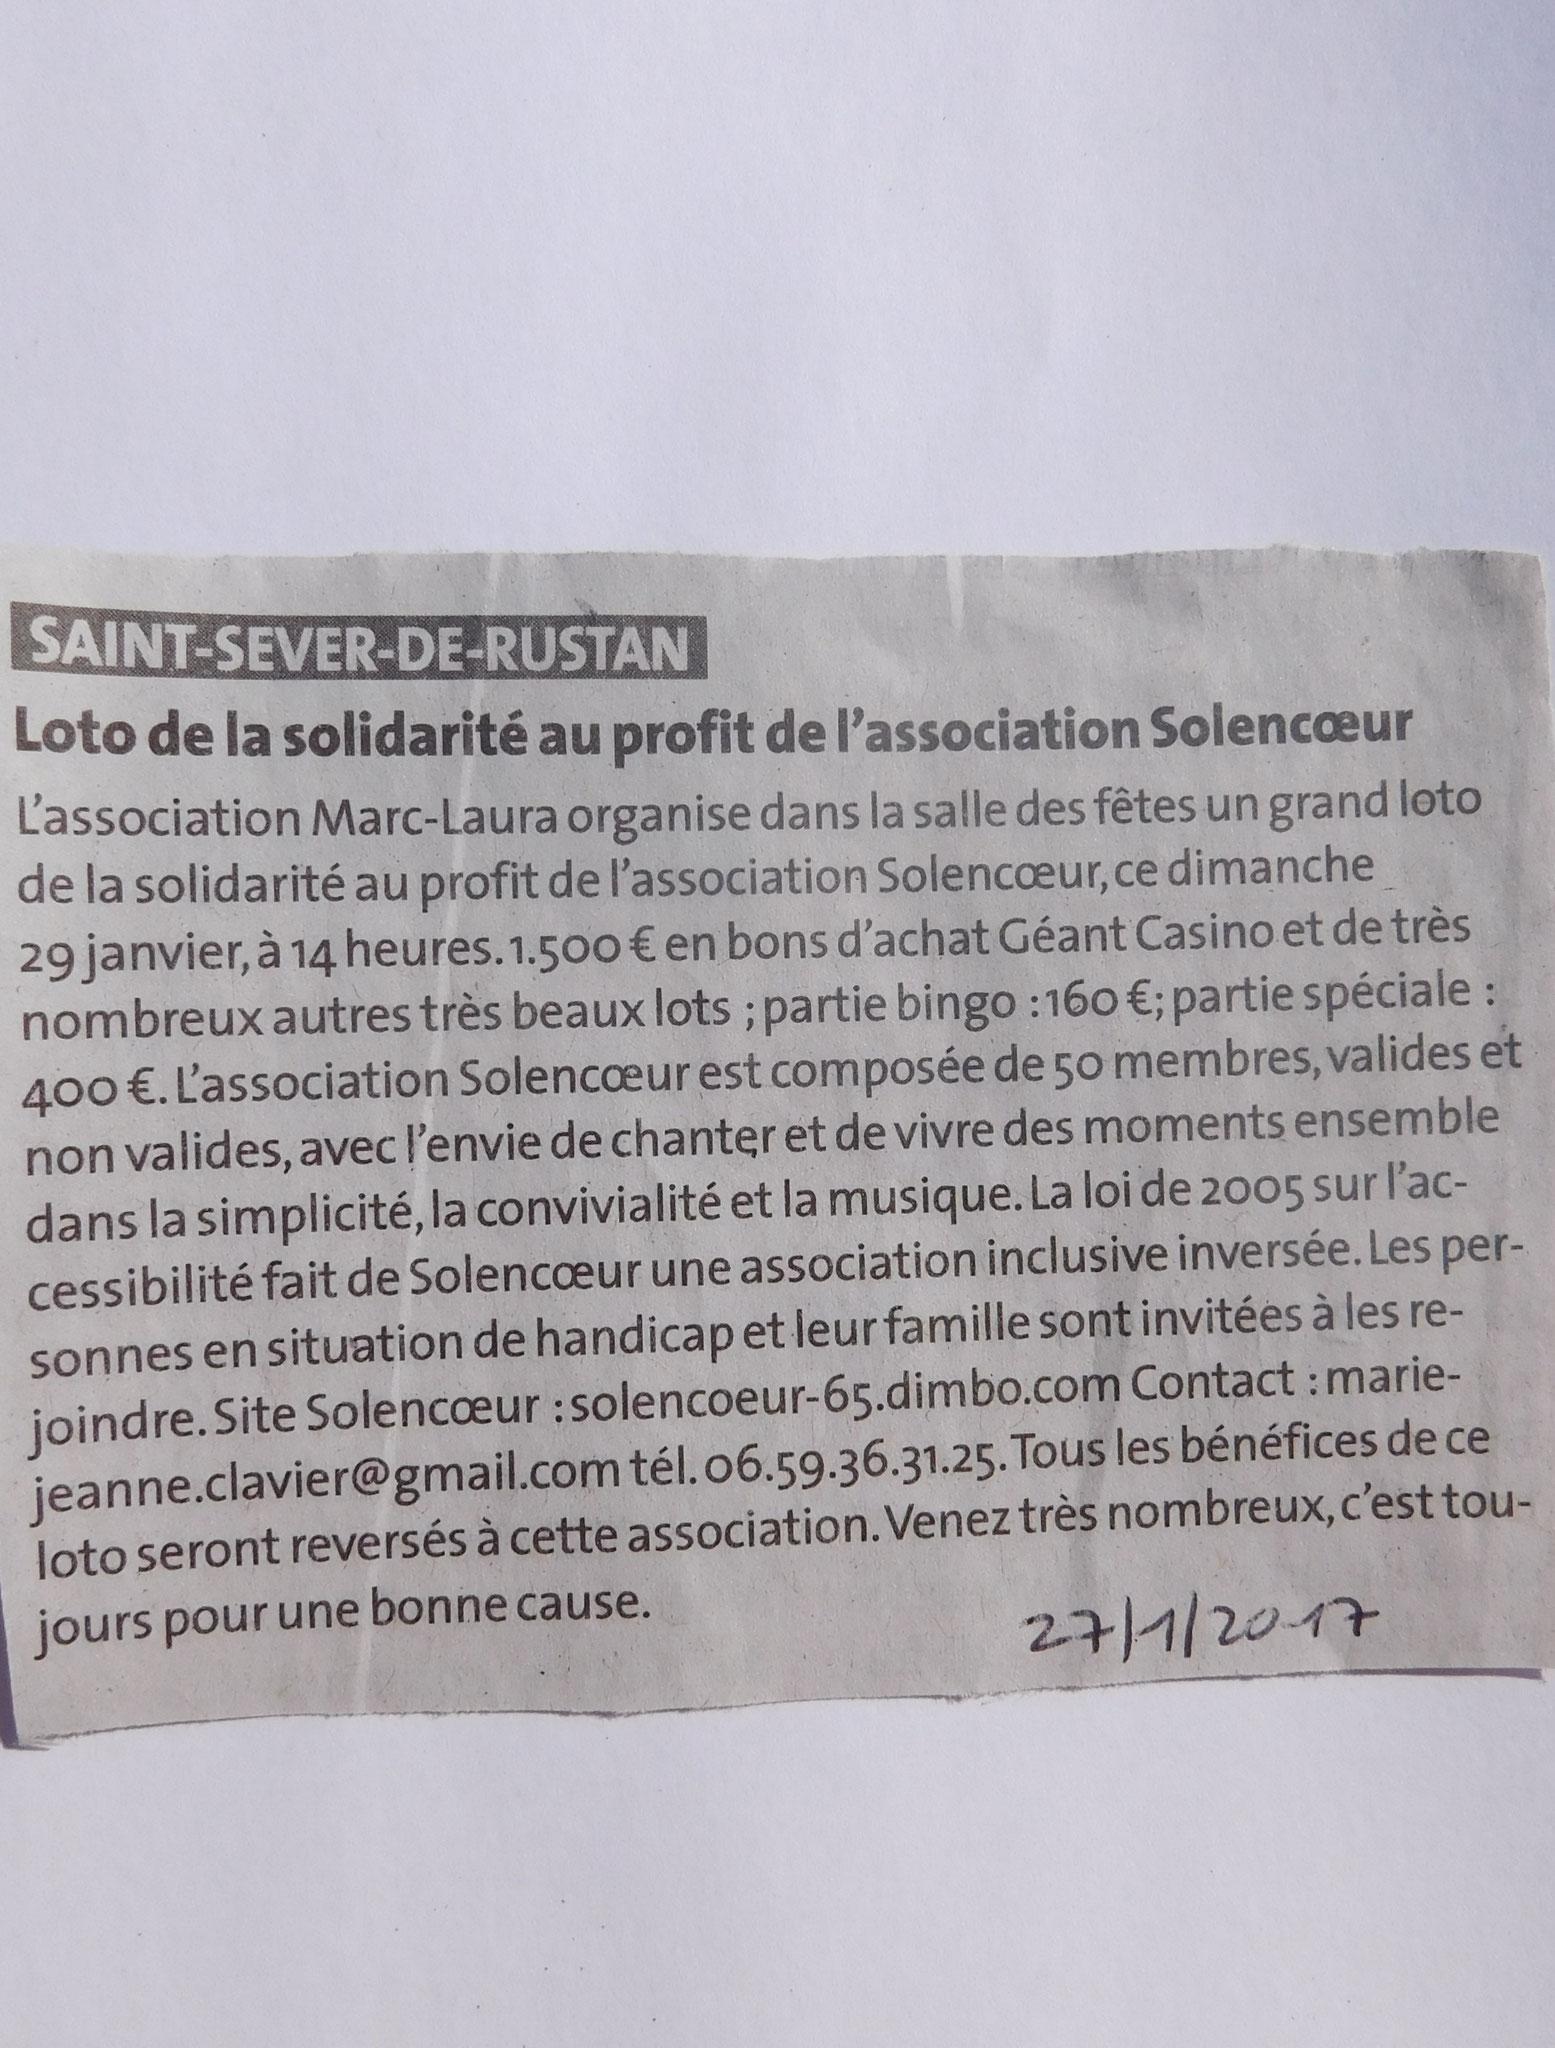 Le loto organisé par L'Associaton Marc-Laura